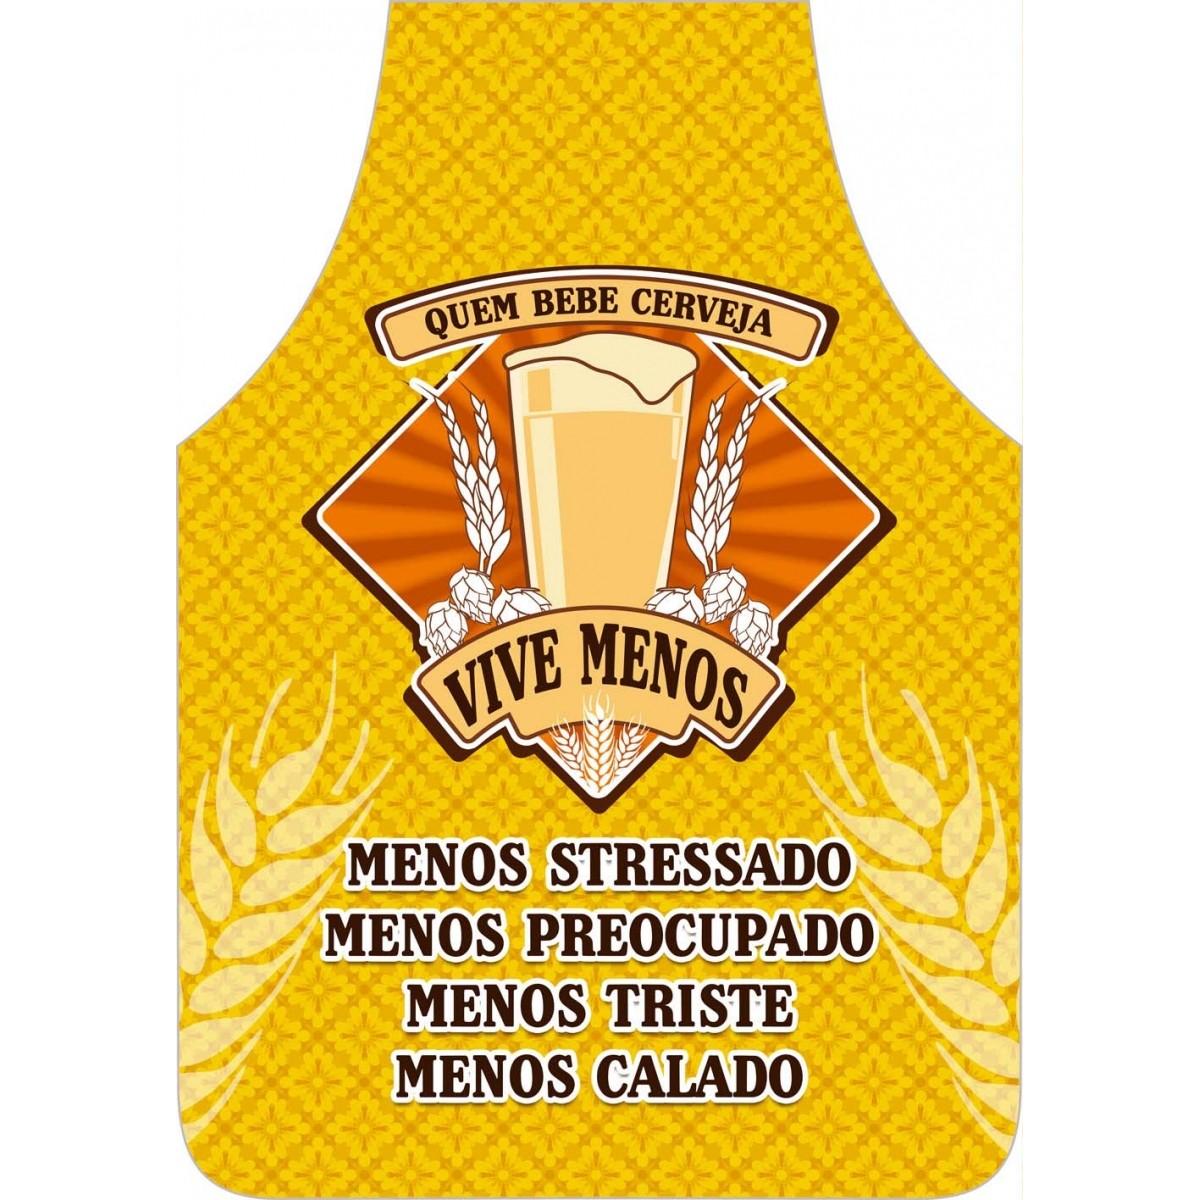 Avental Divertido E Personalizado: Quem Bebe Vive Menos  - RECANTO DA COSTURA